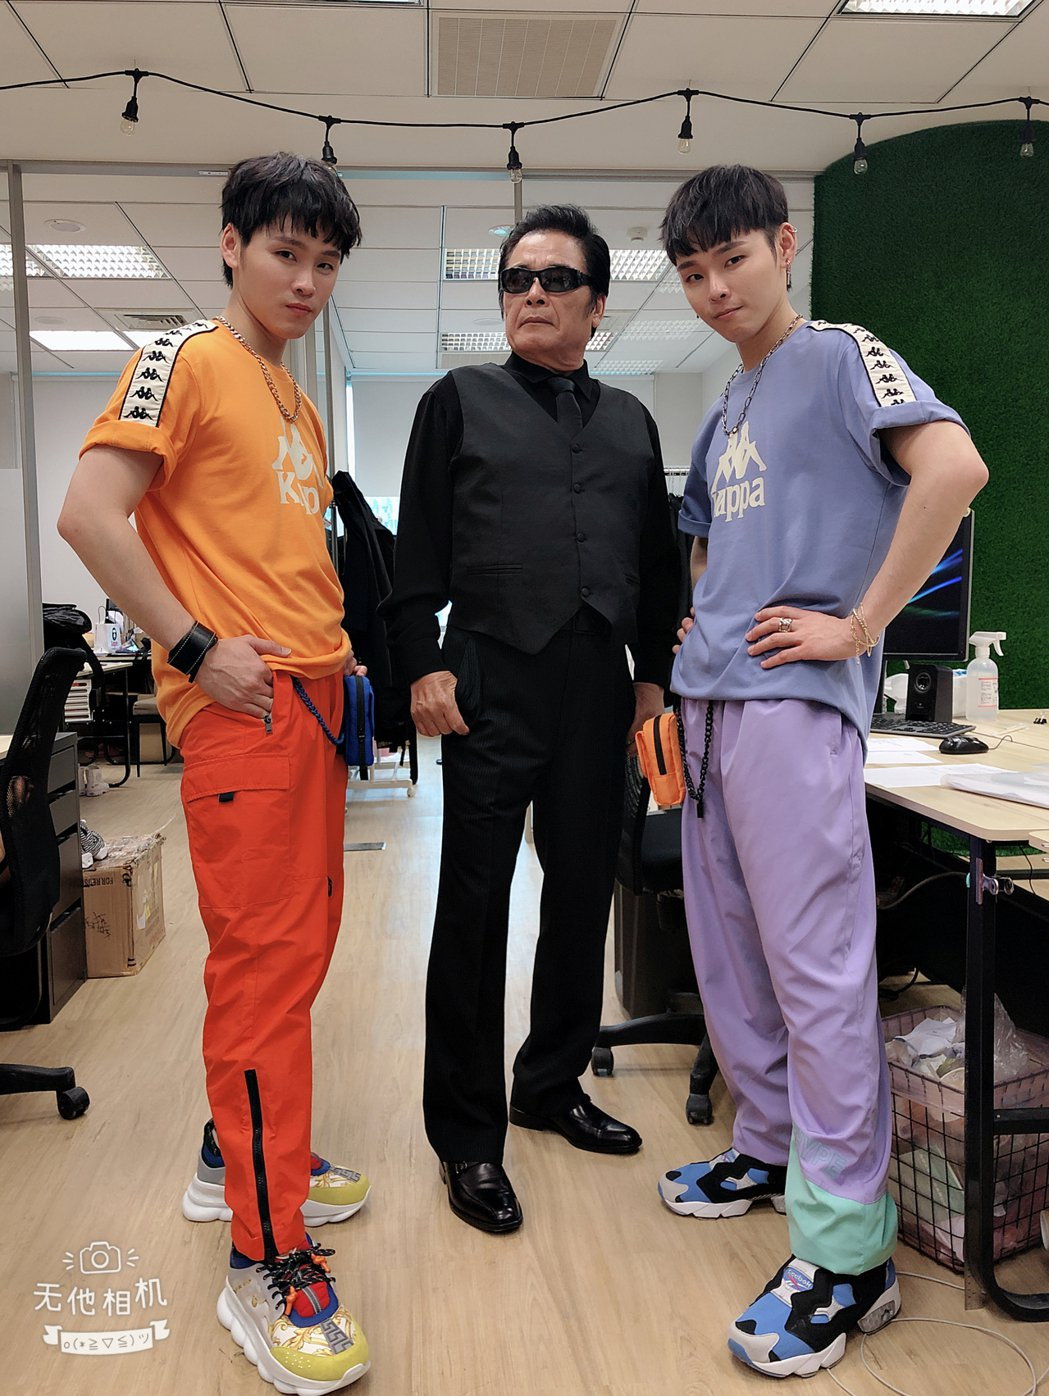 雷洪應邀拍攝「這群人」展榮展瑞MV。圖/民視提供